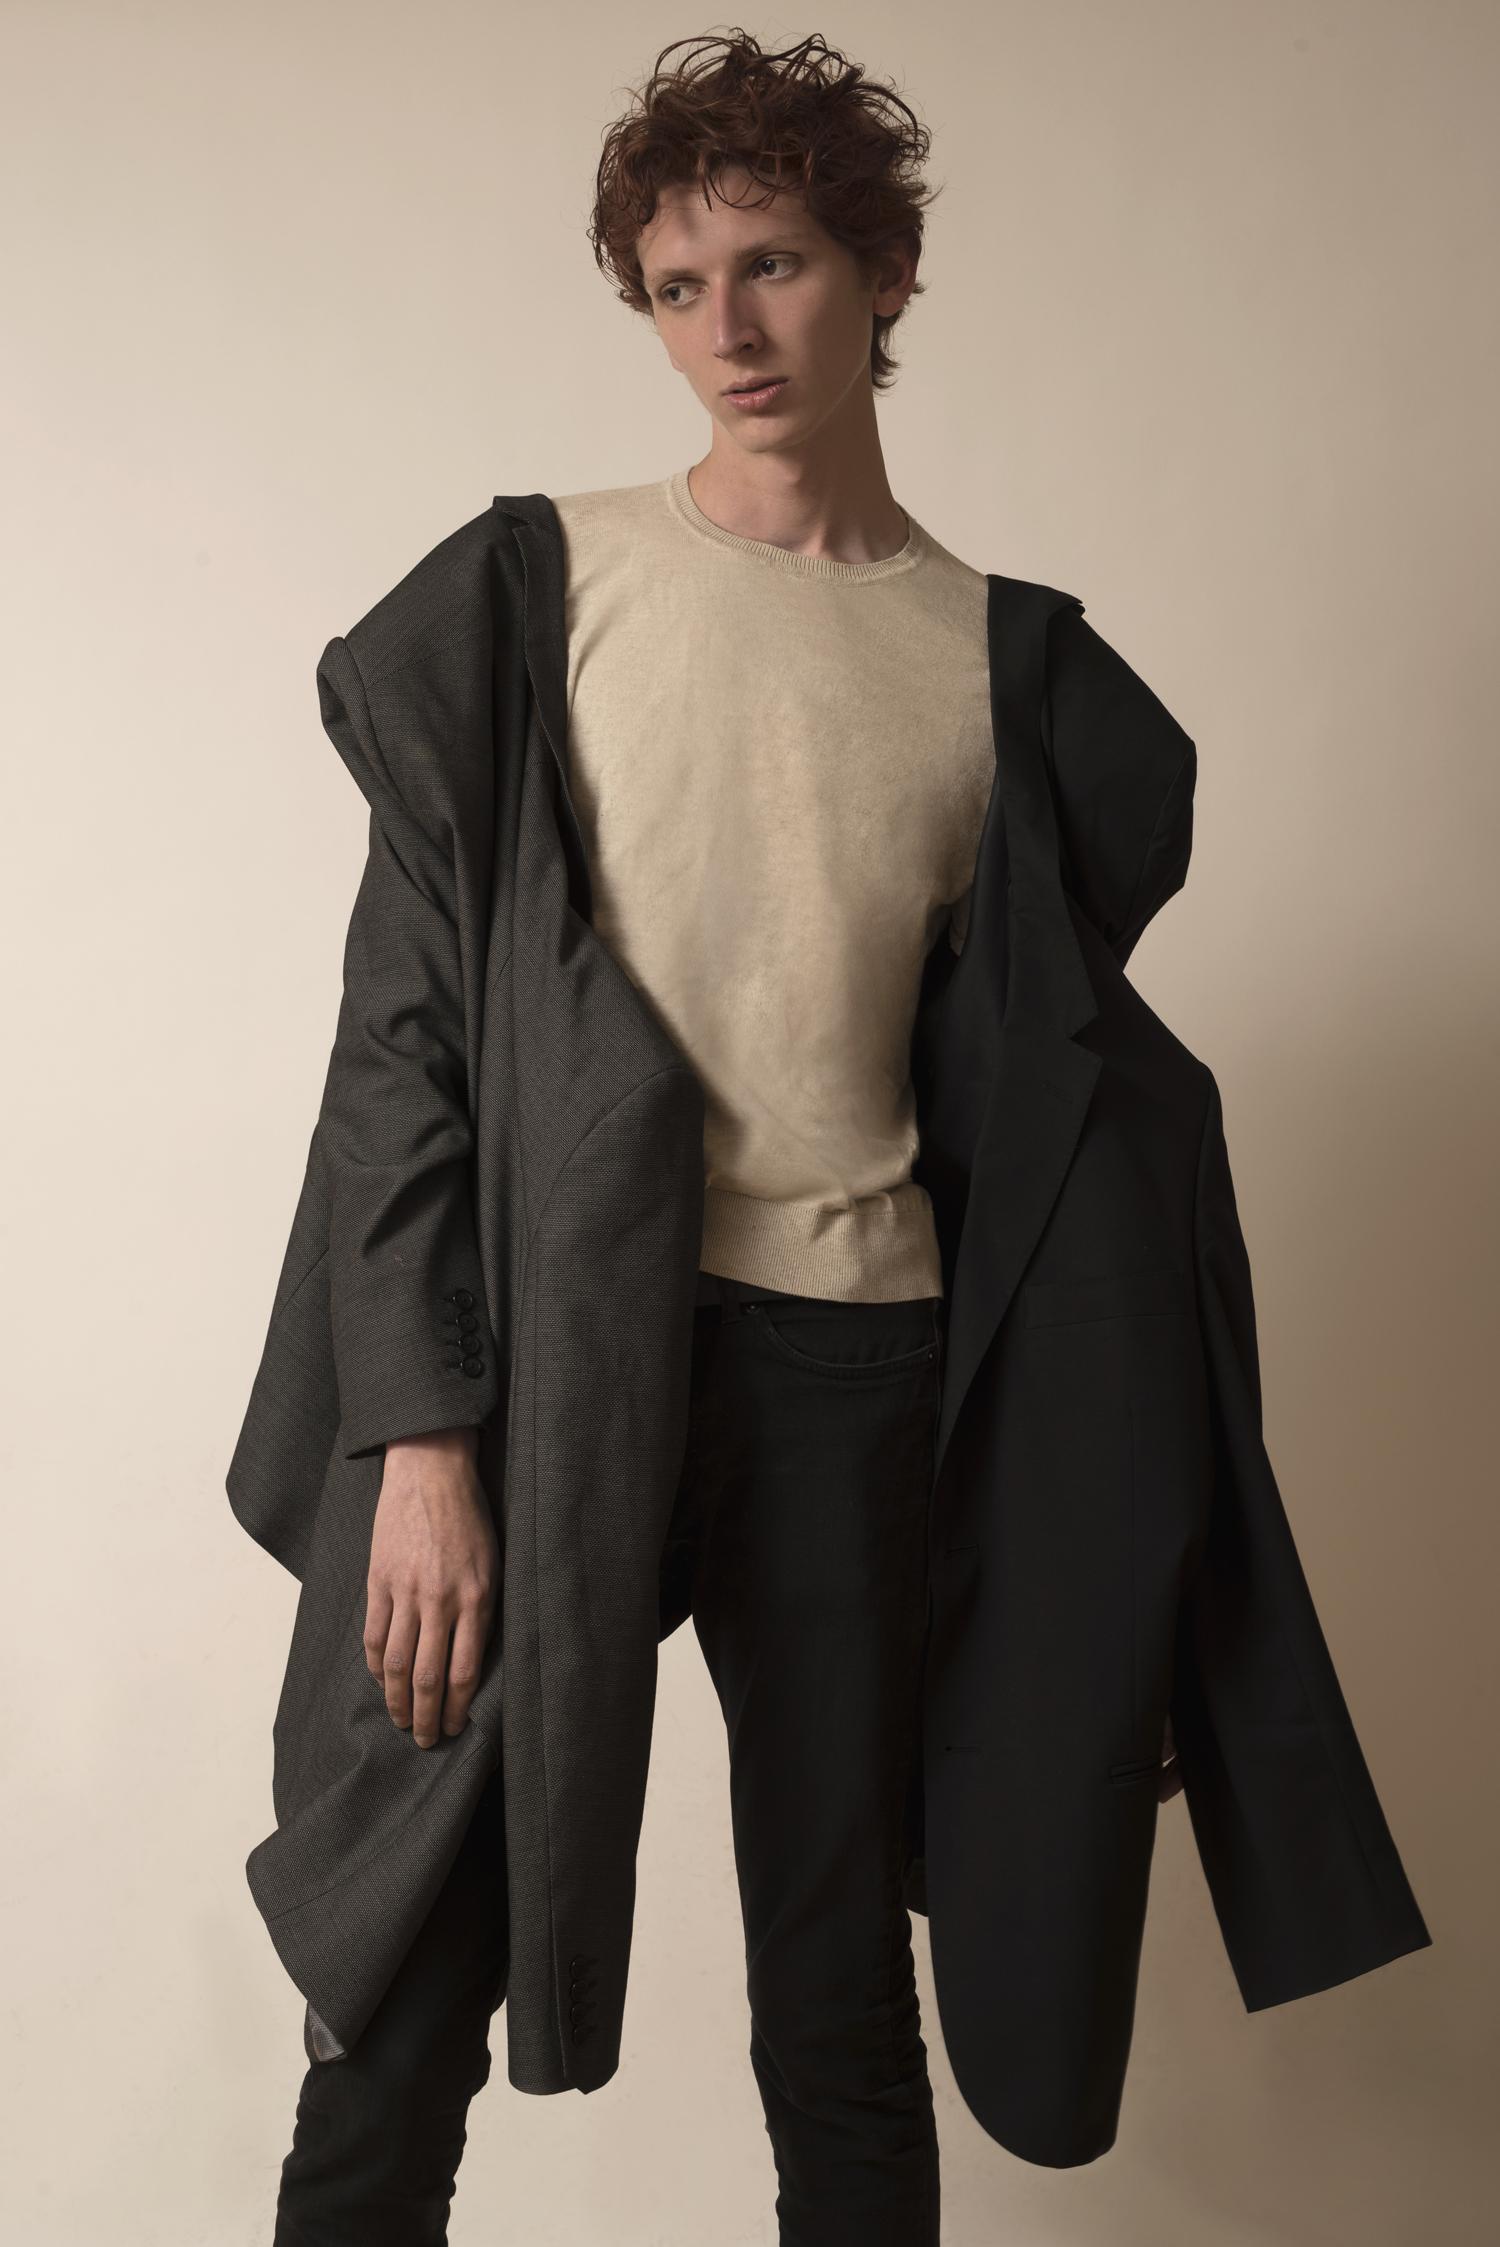 Saco:  CALVIN KLEIN, suéter:  ZARA, saco:  GIVENCHY, pantalón:  Levi's